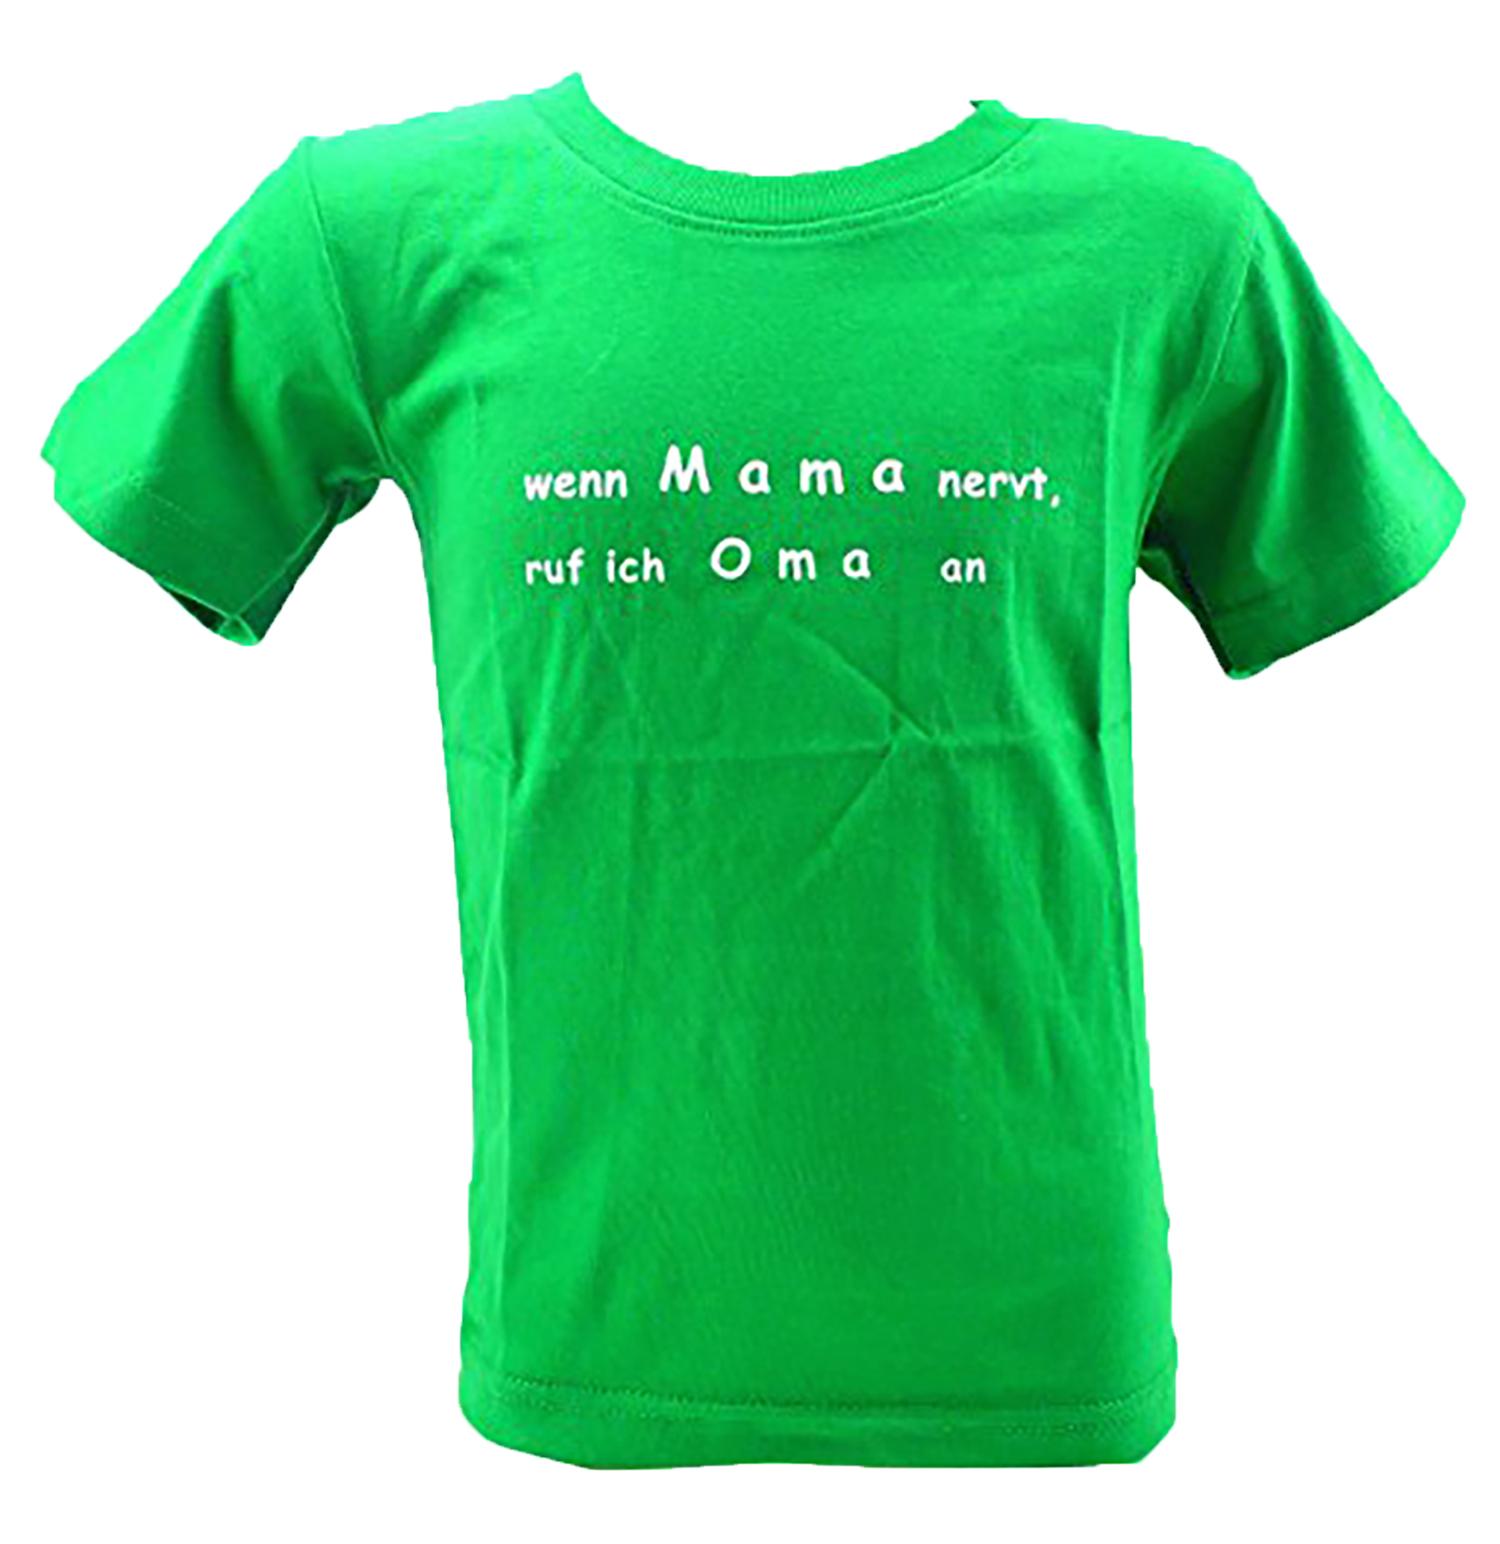 Kinder-Hemd grün lustige Sprüche T-Shirts 5-6 Jahre wenn ...